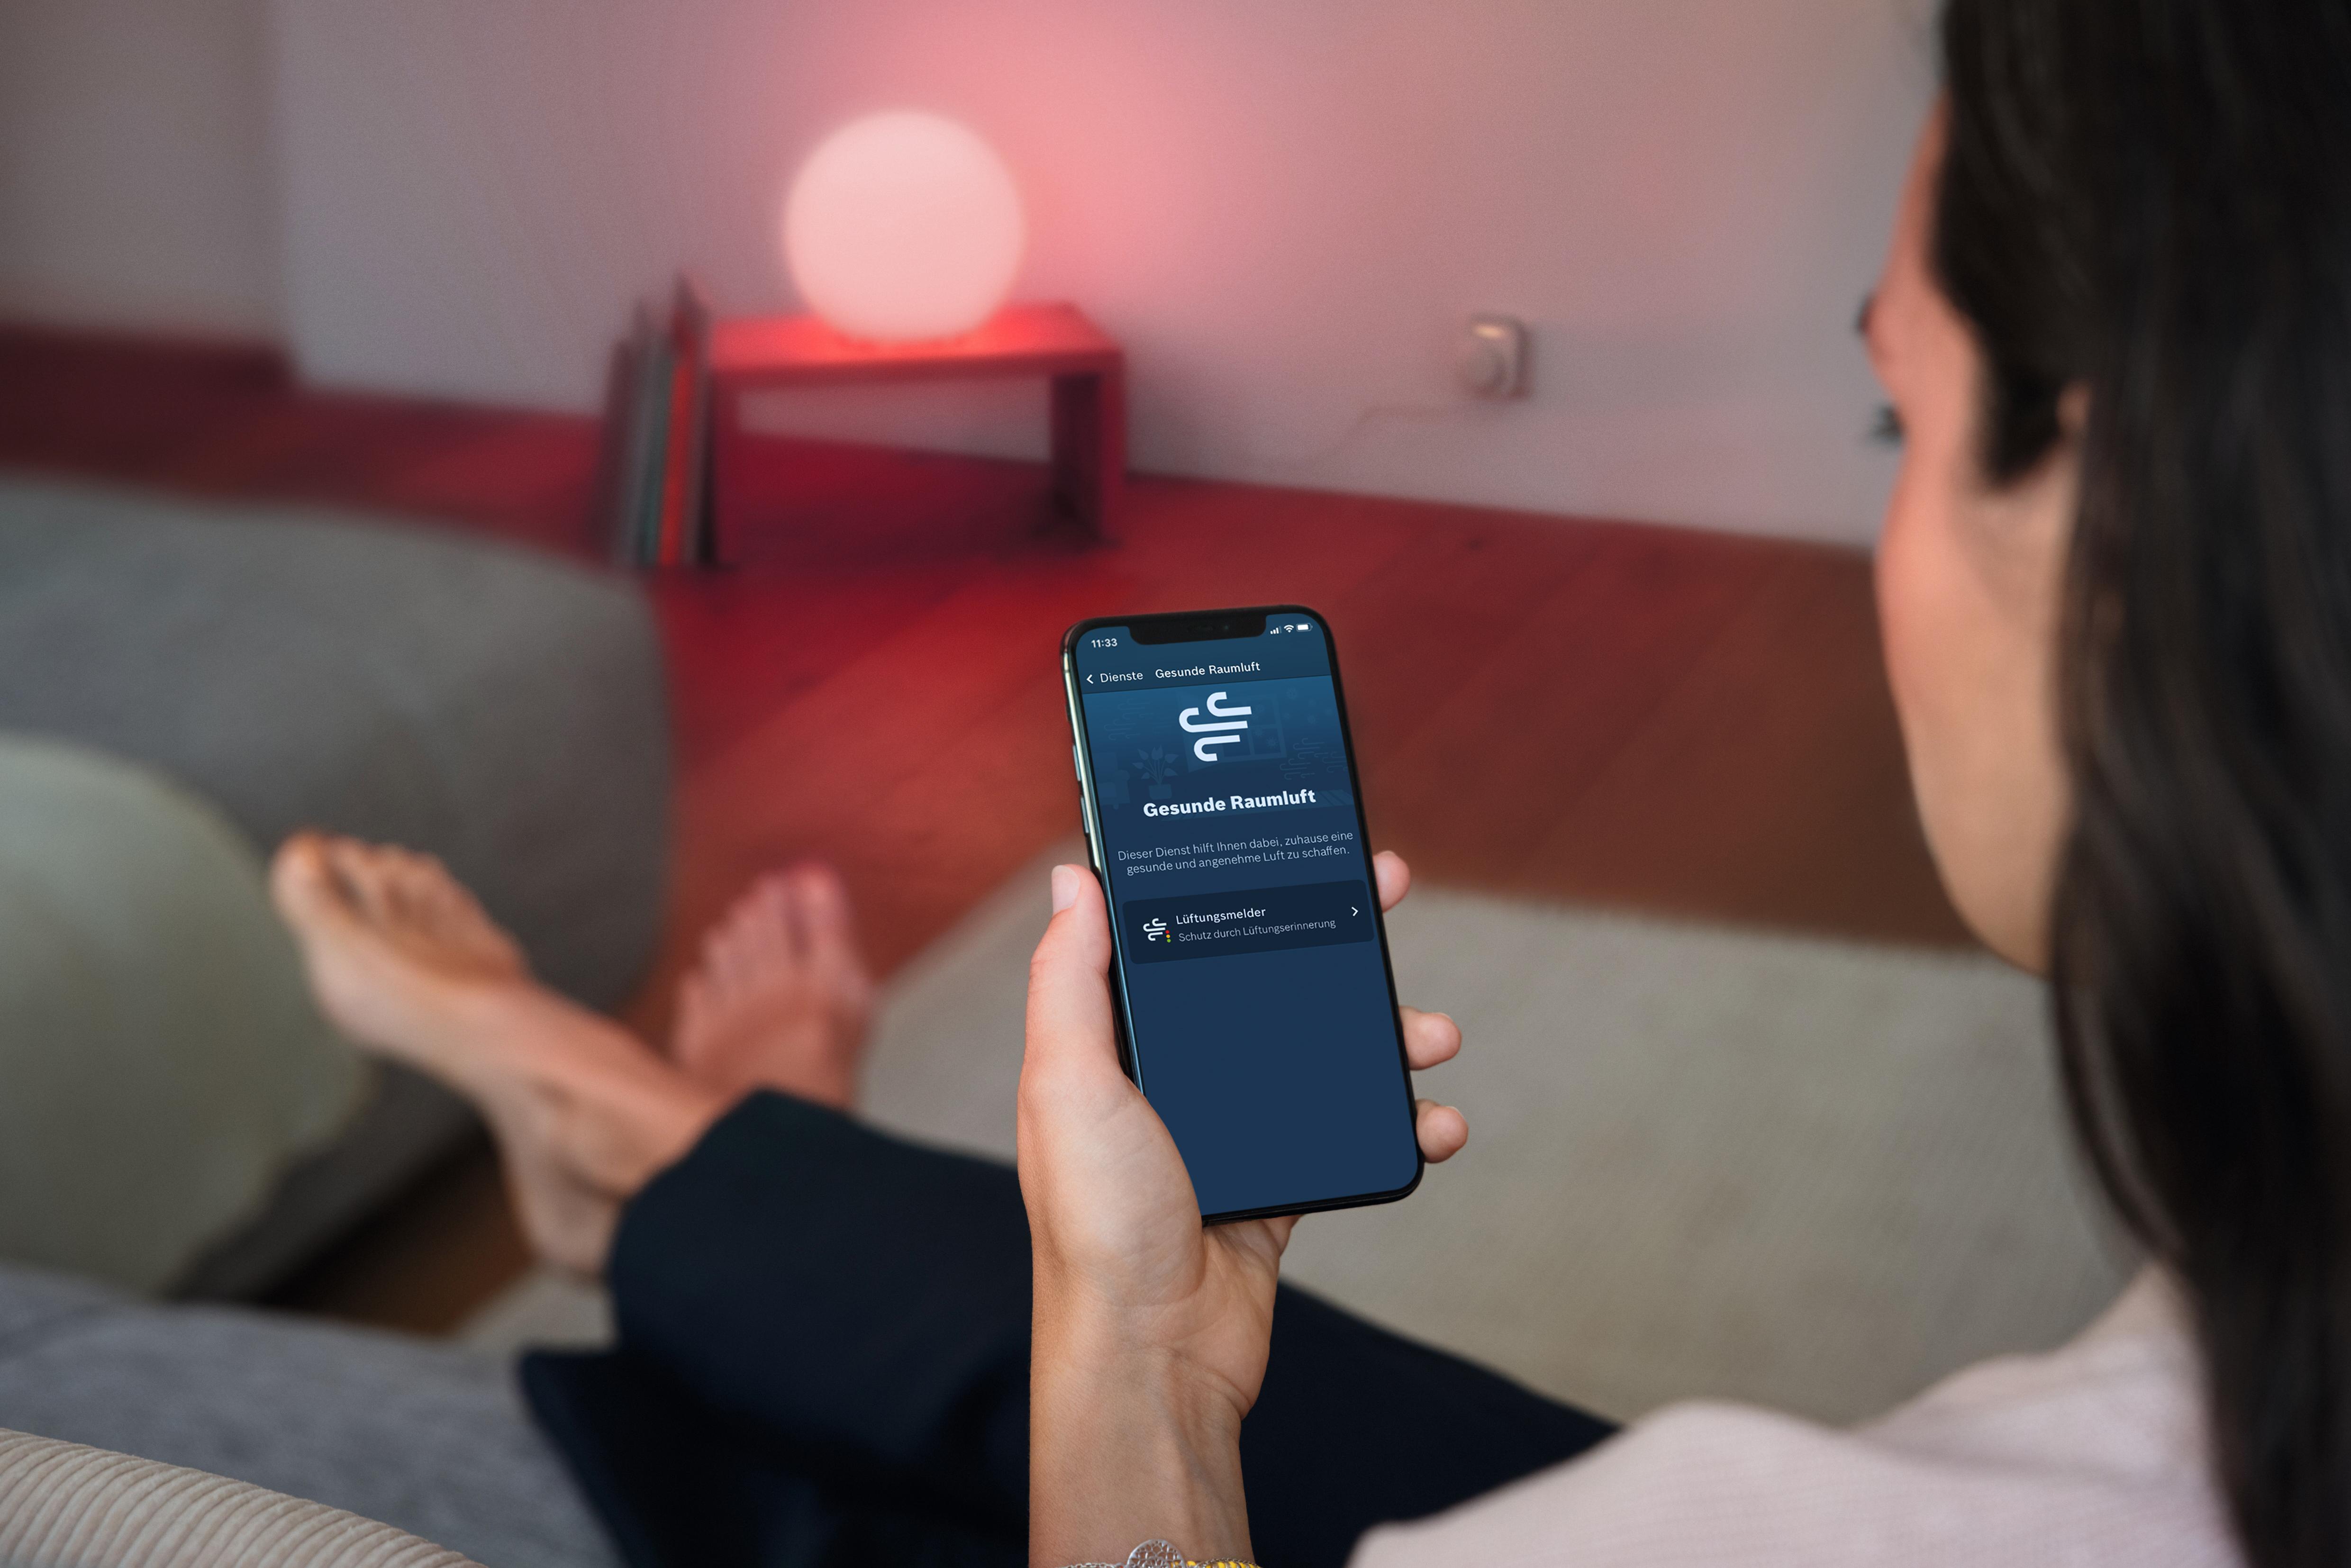 Megatrend konektivity: produkty podporující umělou inteligenci budou generovat tržby v hodnotě několika miliard eur.